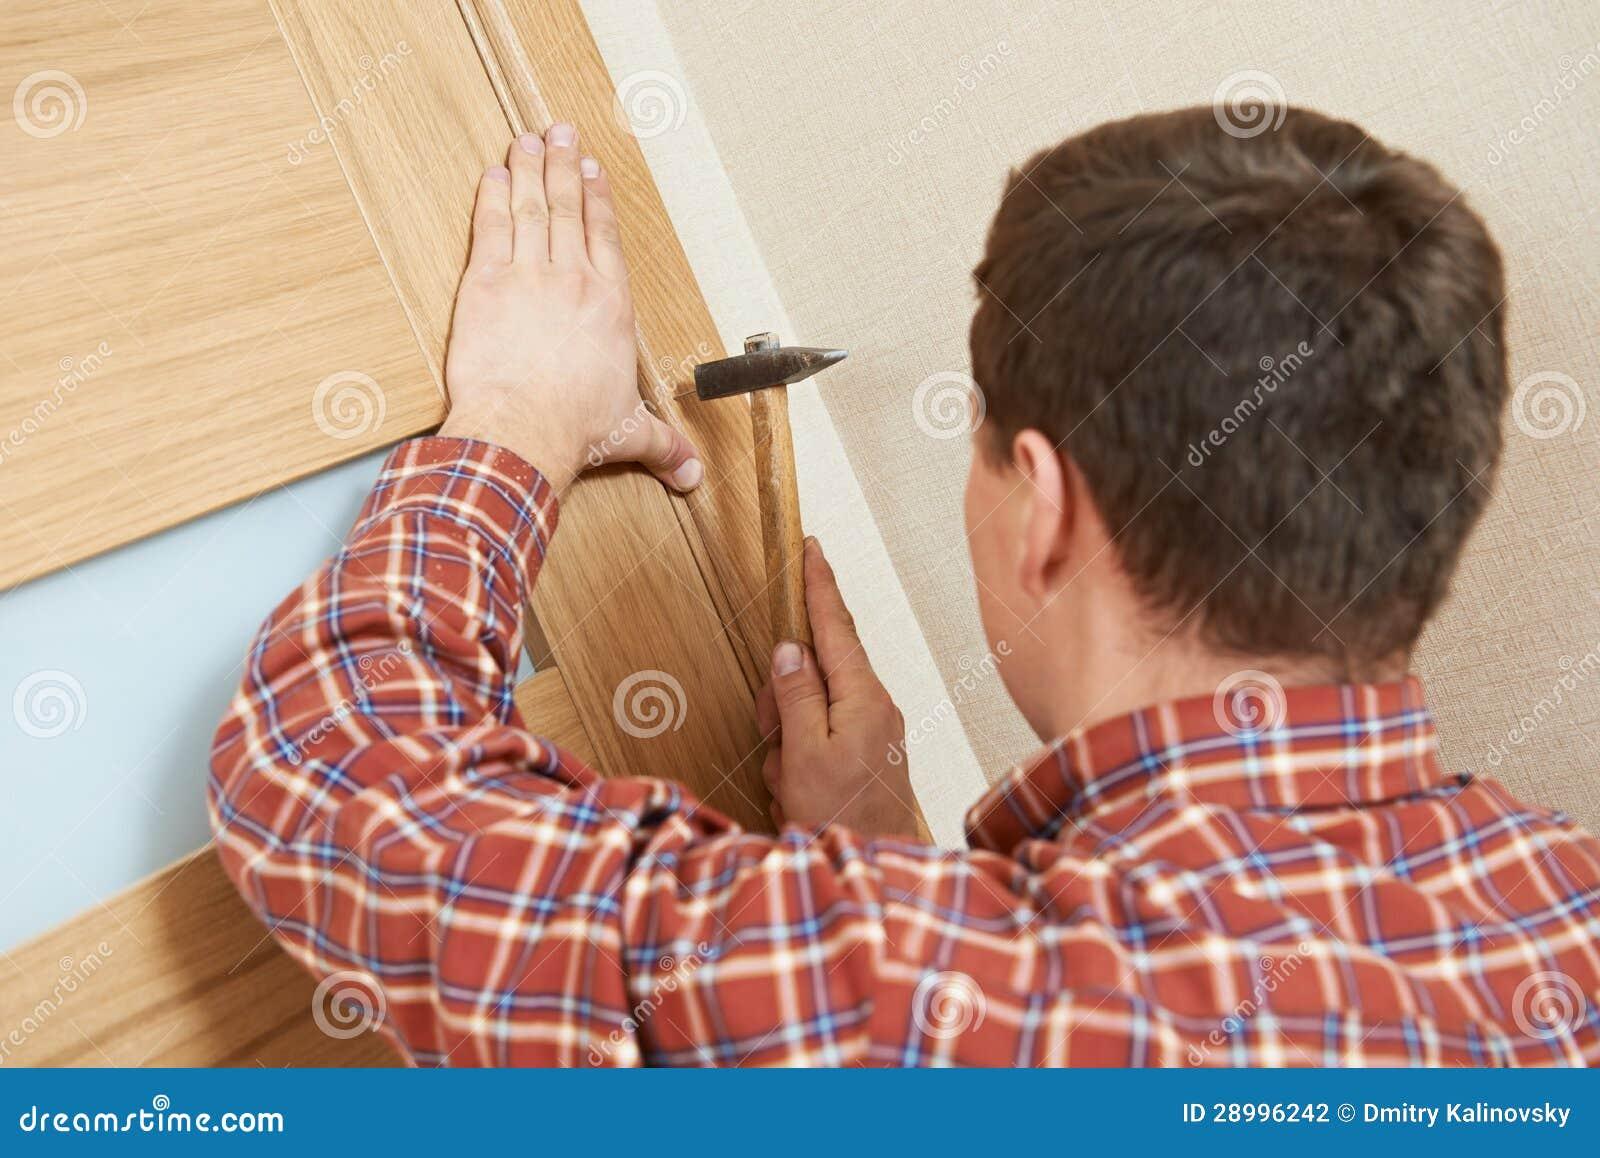 门锁安装的木匠